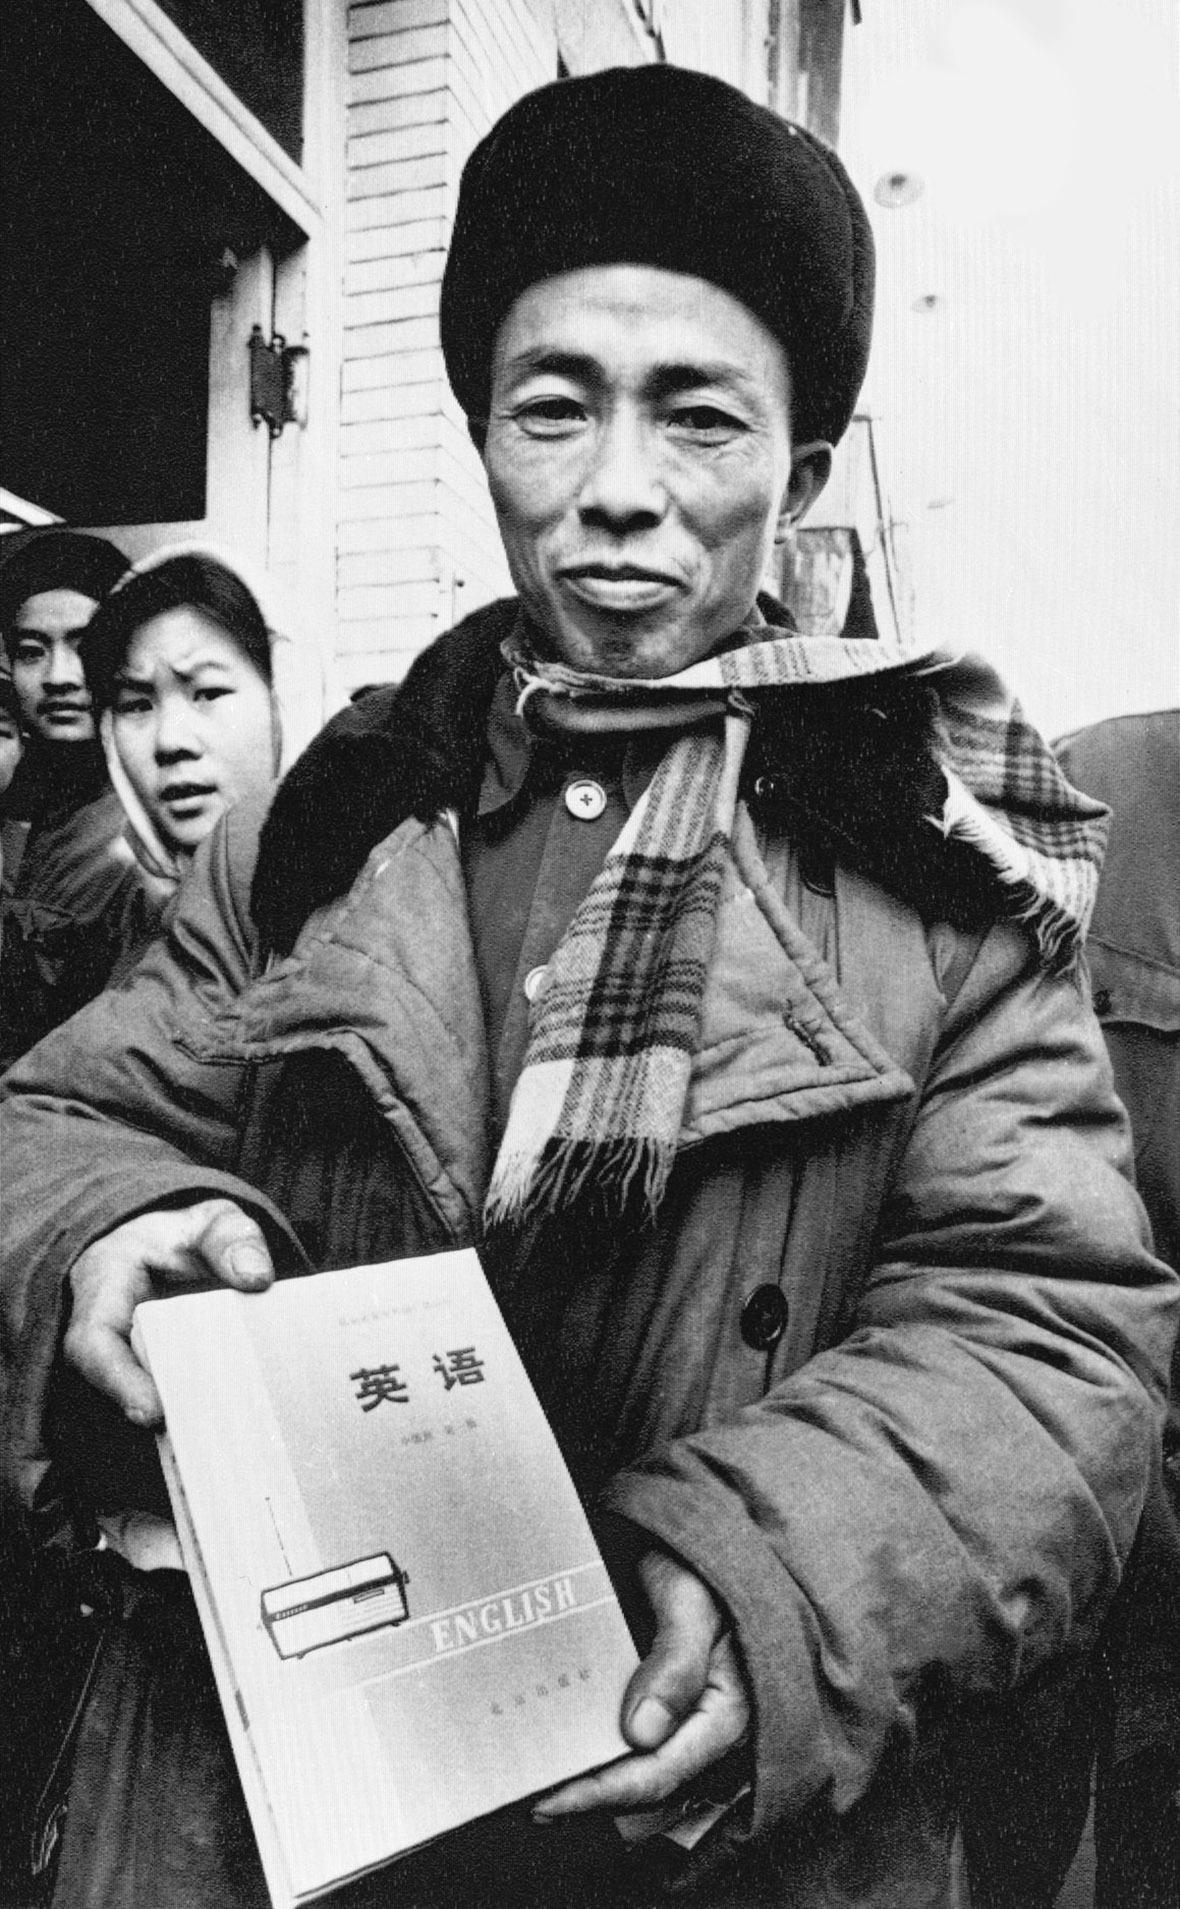 1978年北京,一位市民展示他購買的英語教科書。